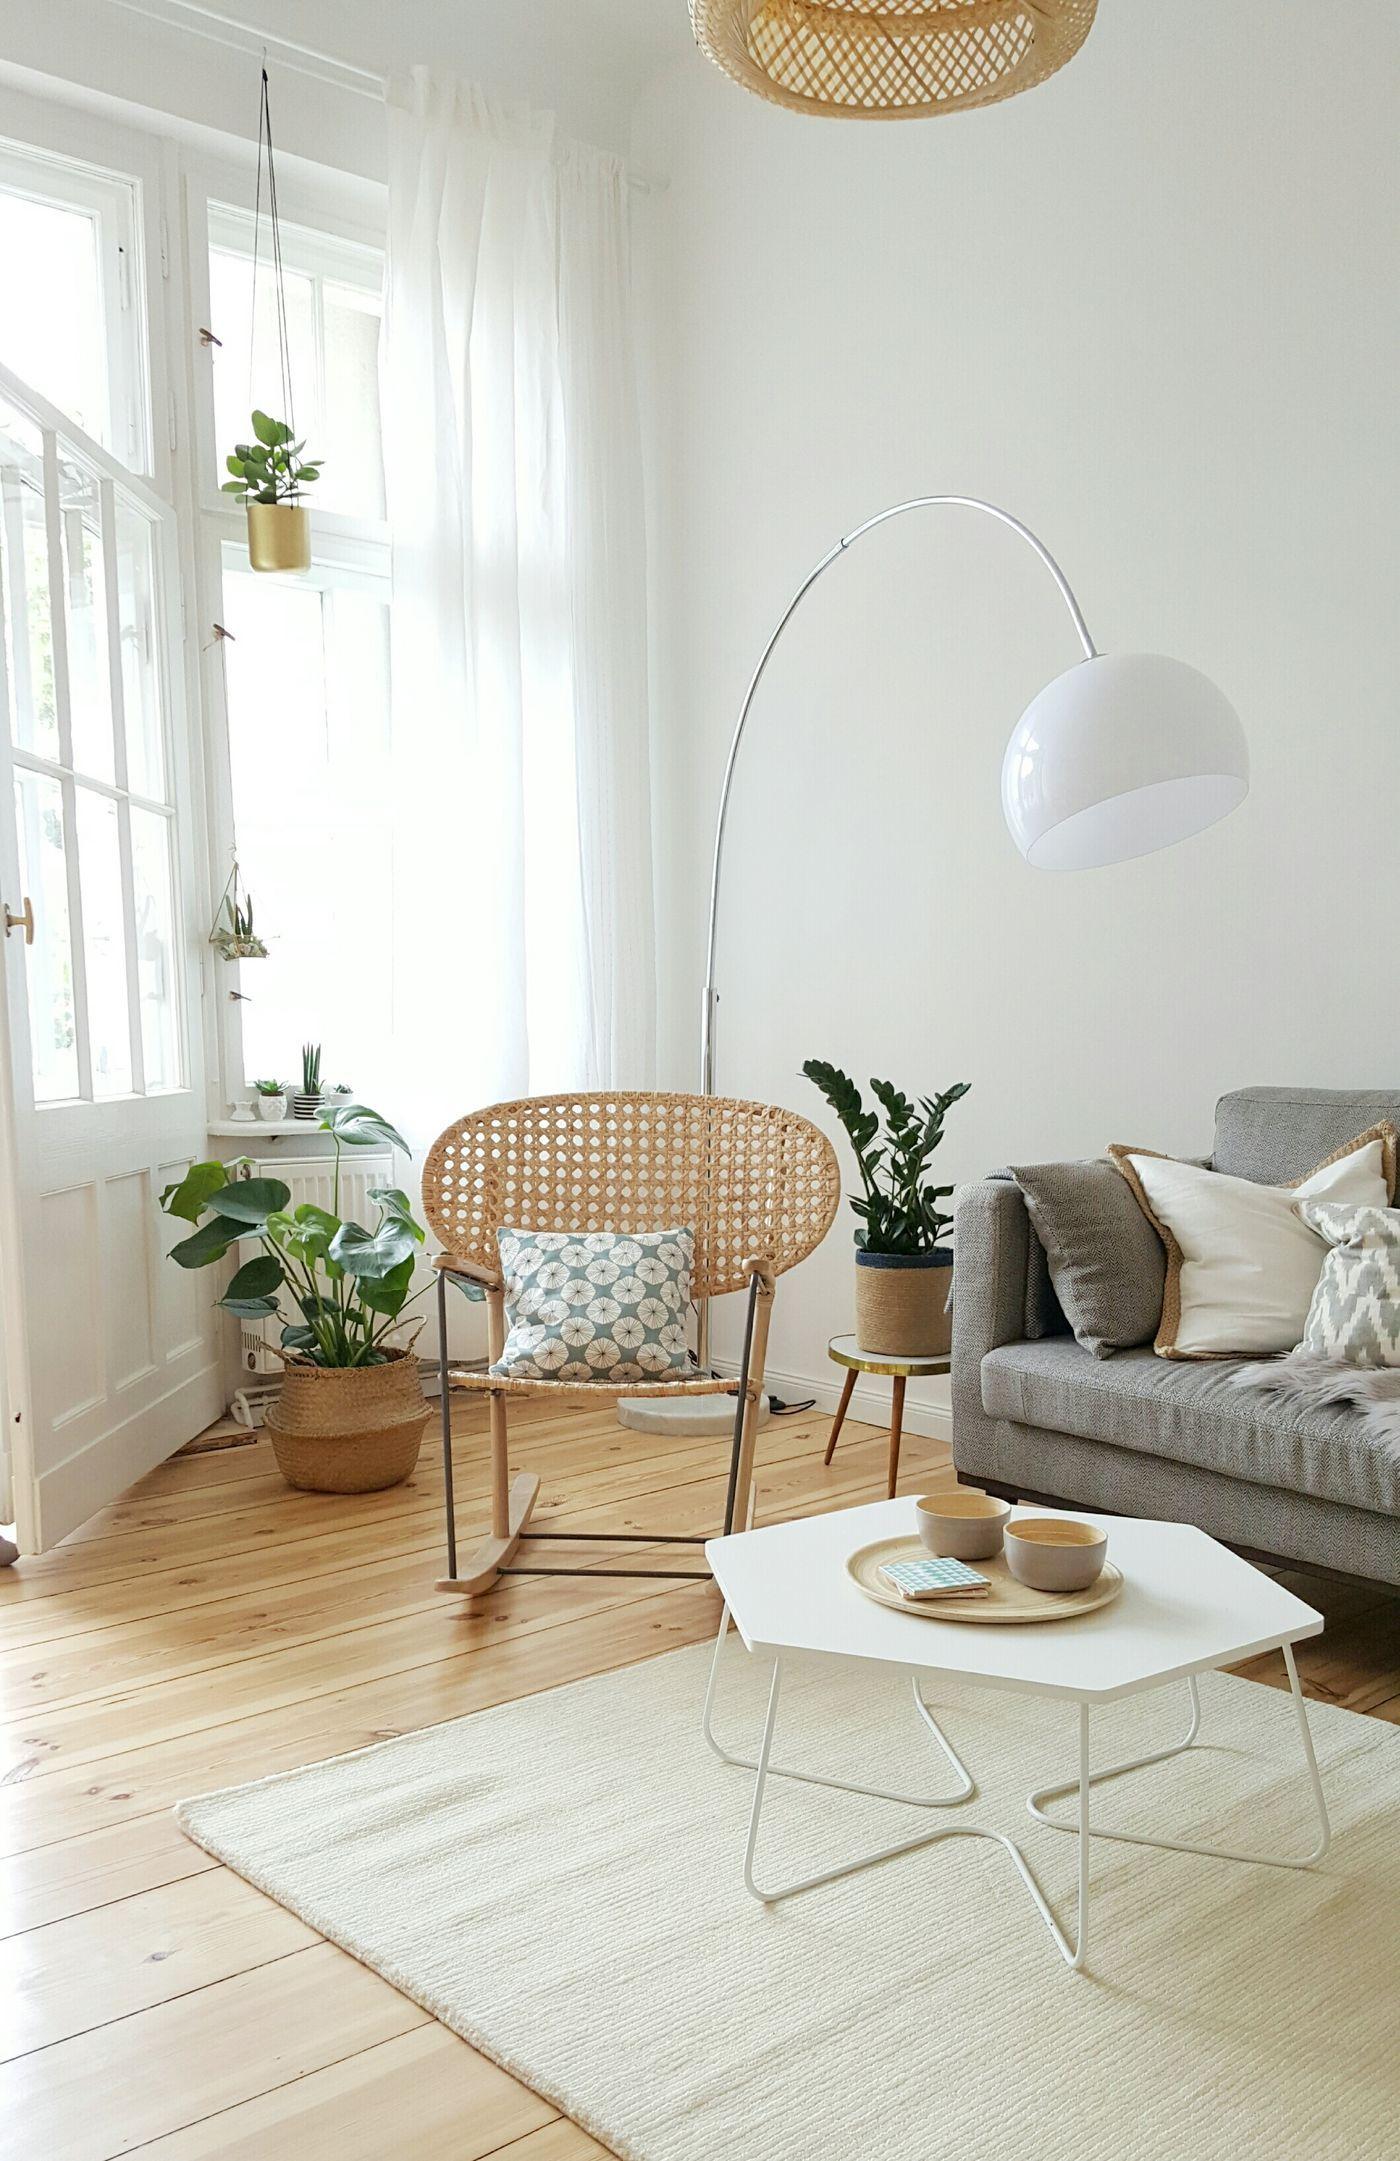 die sch nsten ideen f r deinen schaukelstuhl. Black Bedroom Furniture Sets. Home Design Ideas